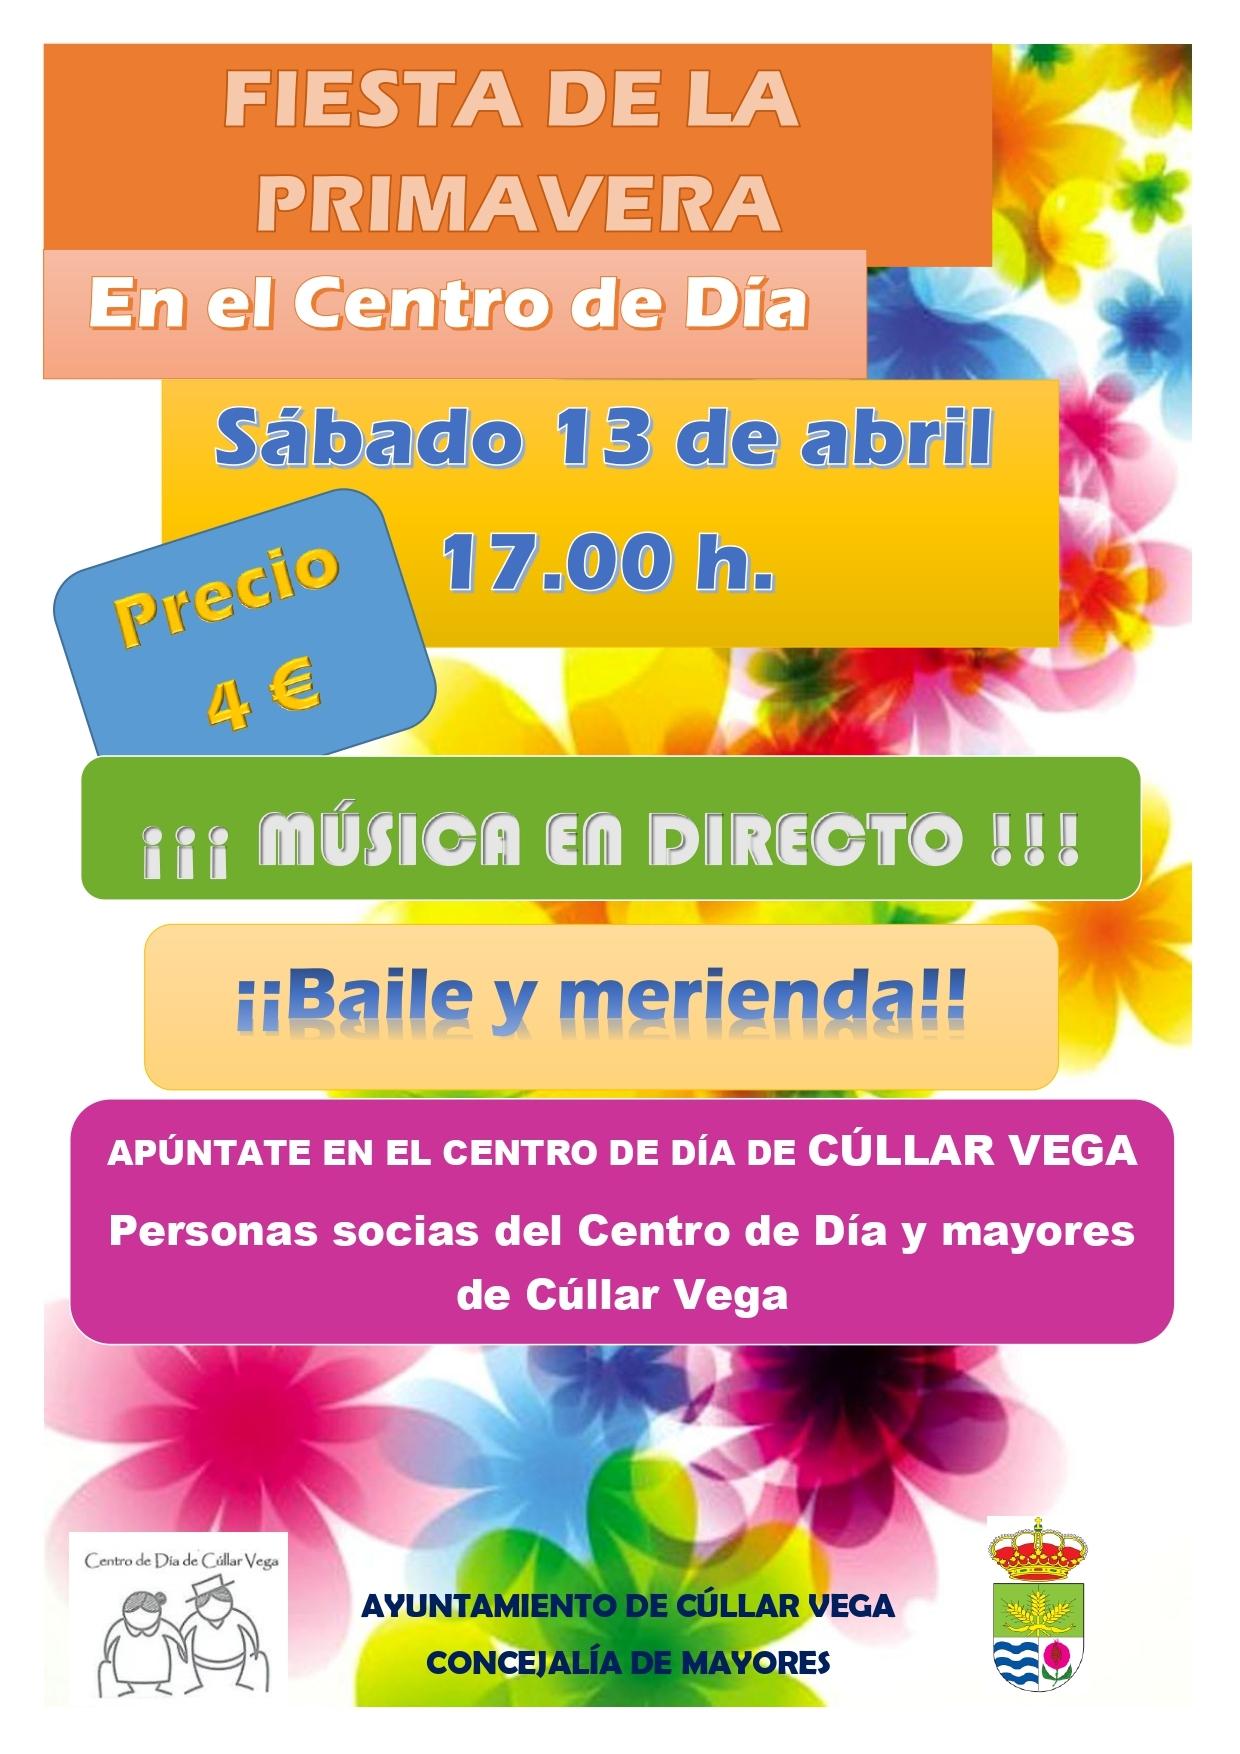 Fiesta de la Primavera en el Centro de Día